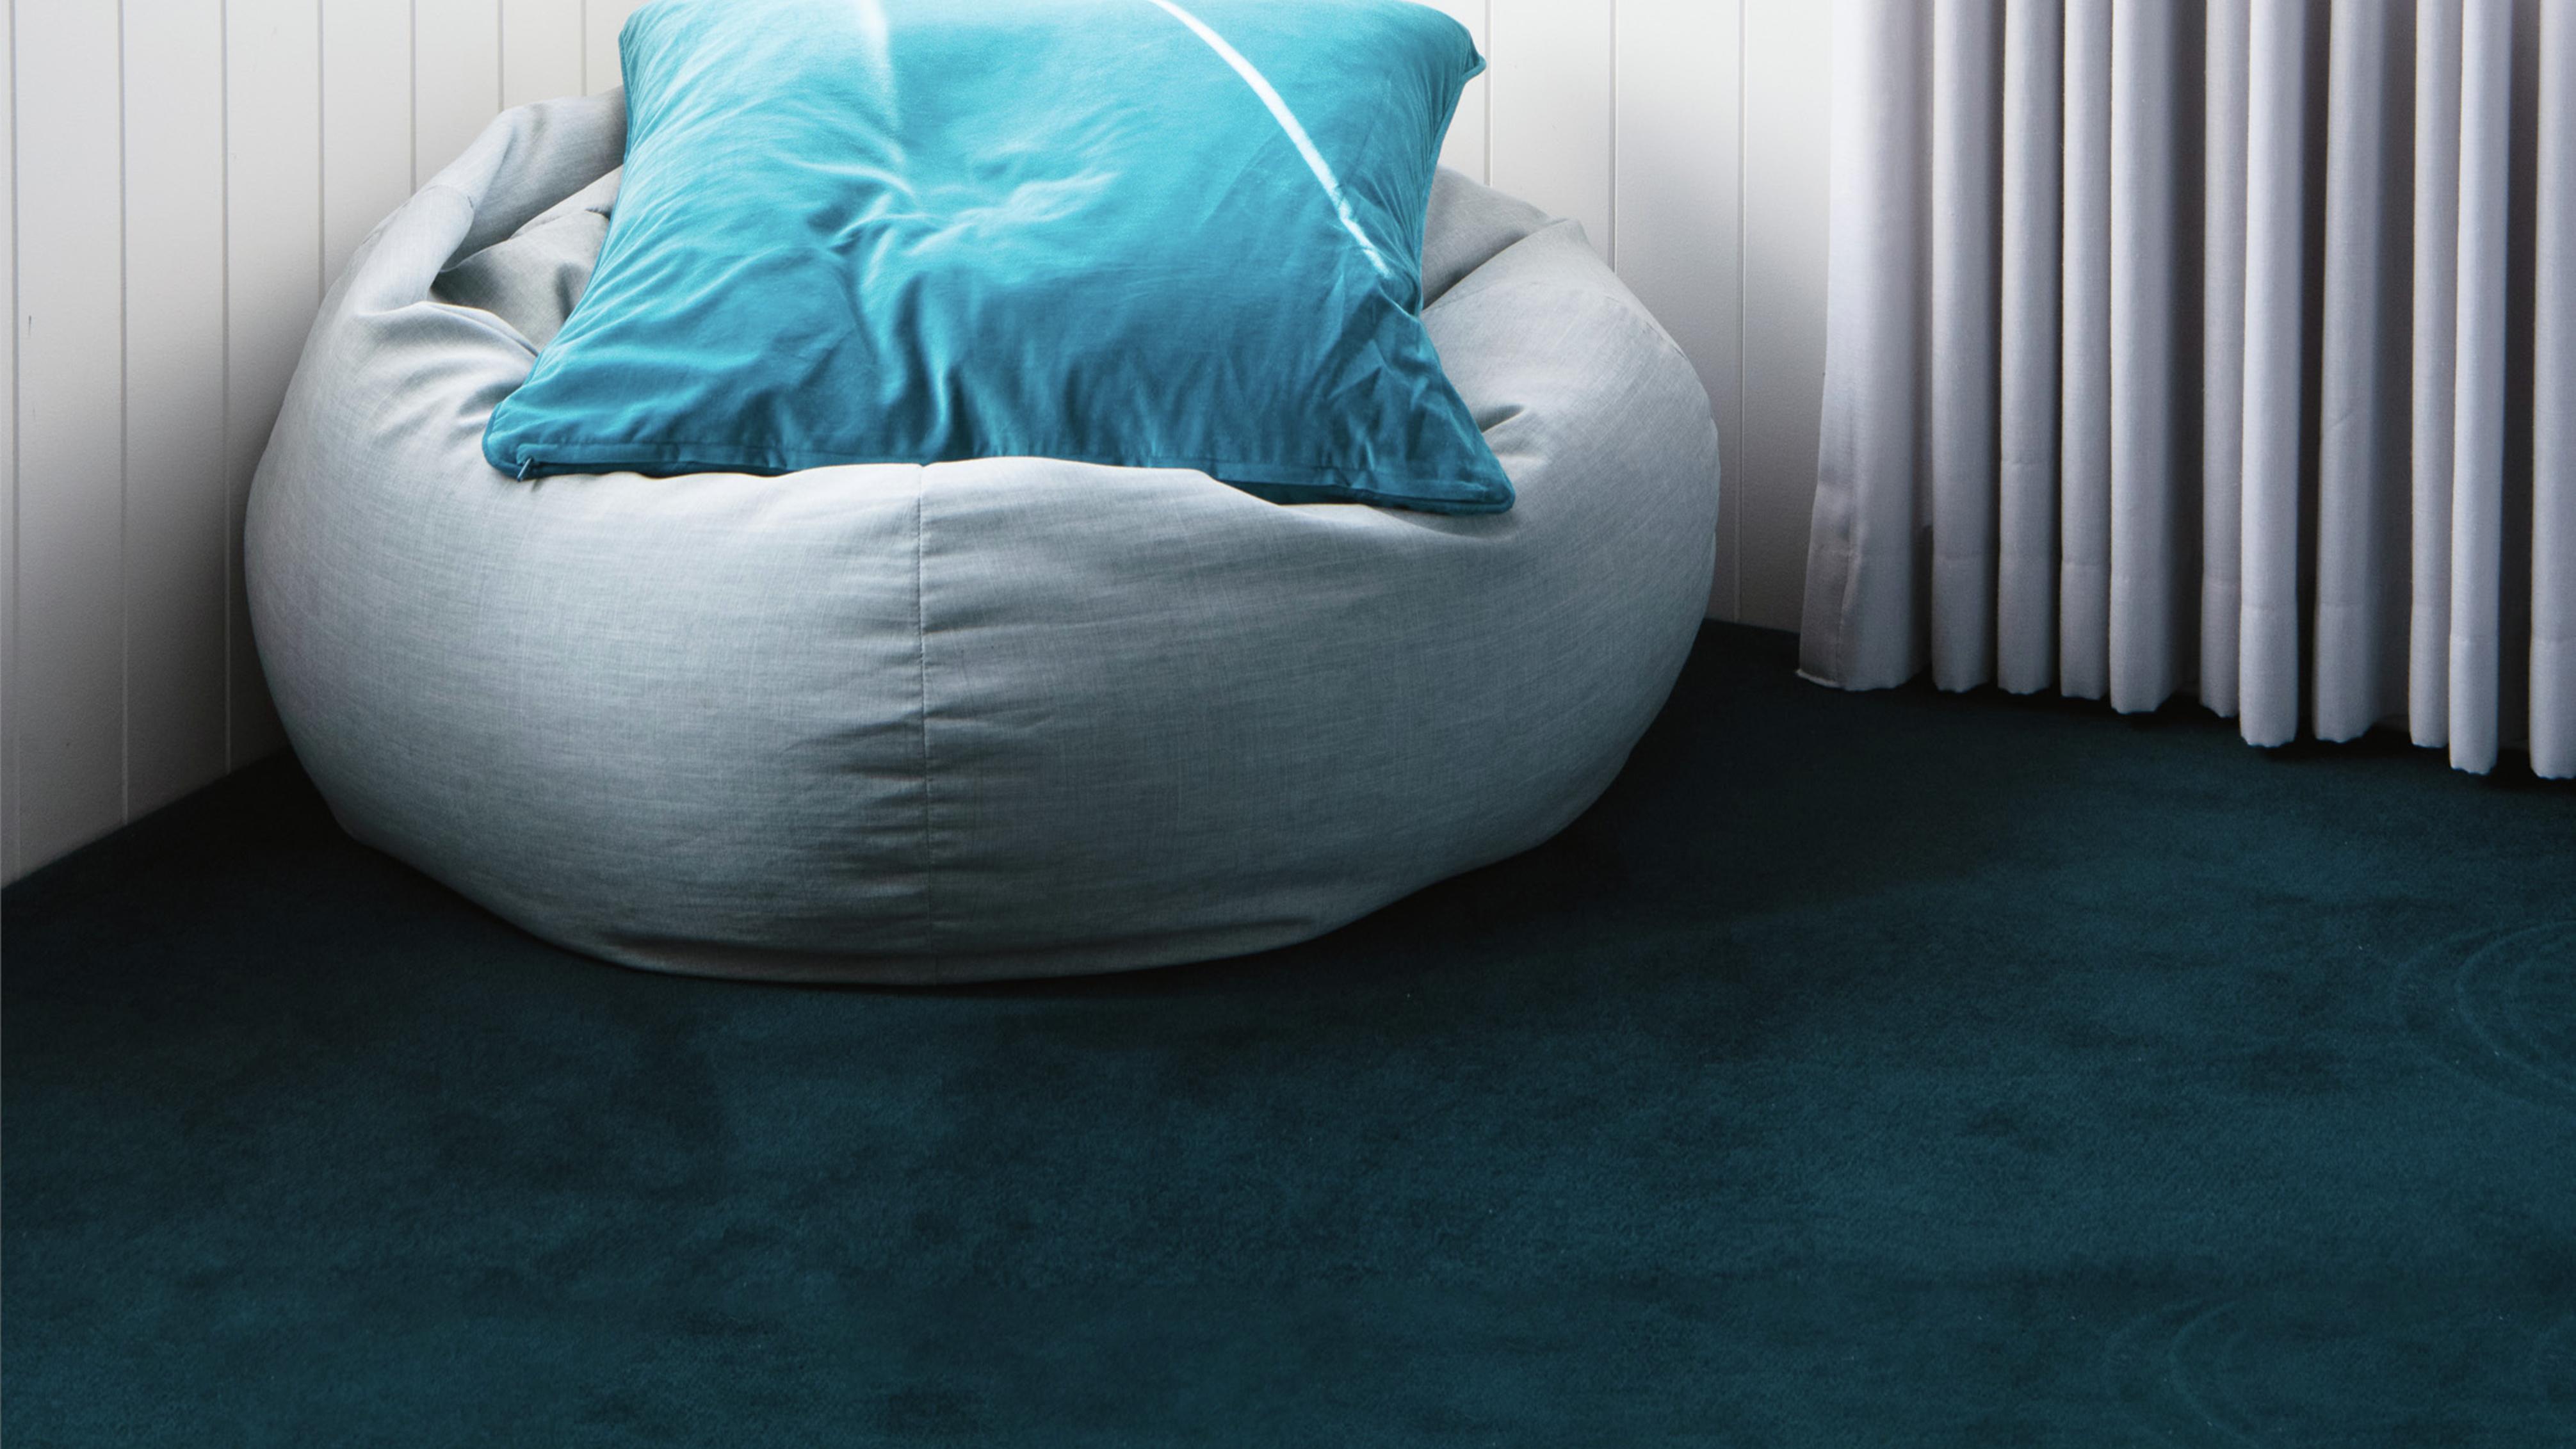 Kids room featuring blue carpet, a bean bag and blue cushion